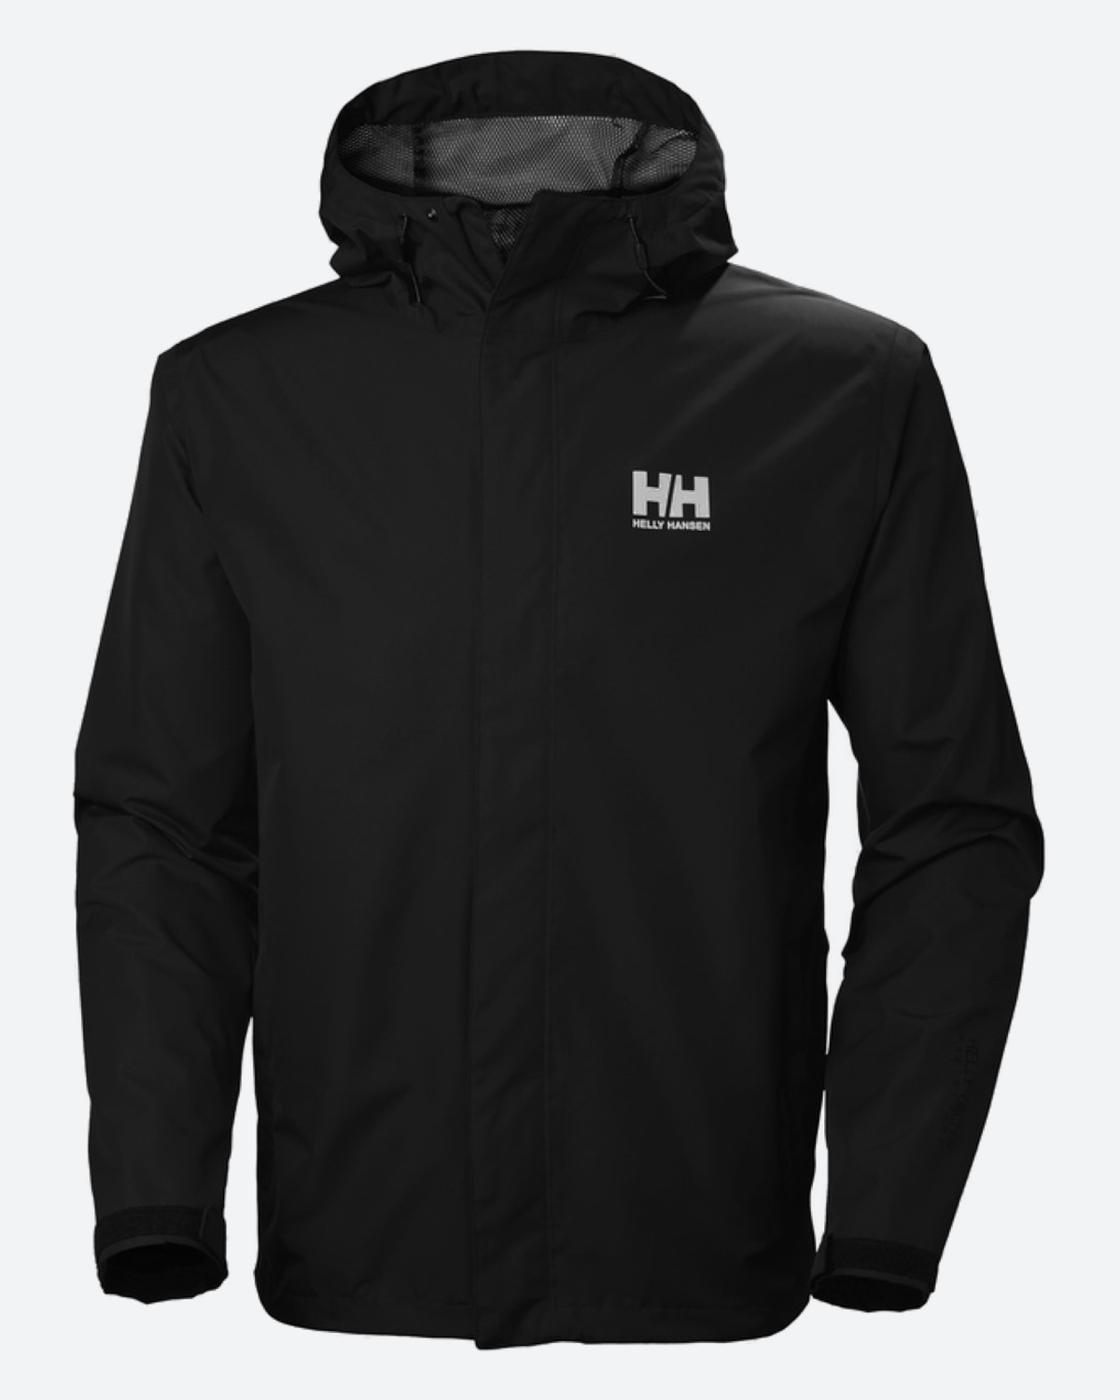 Hh Одежда Официальный Интернет Магазин